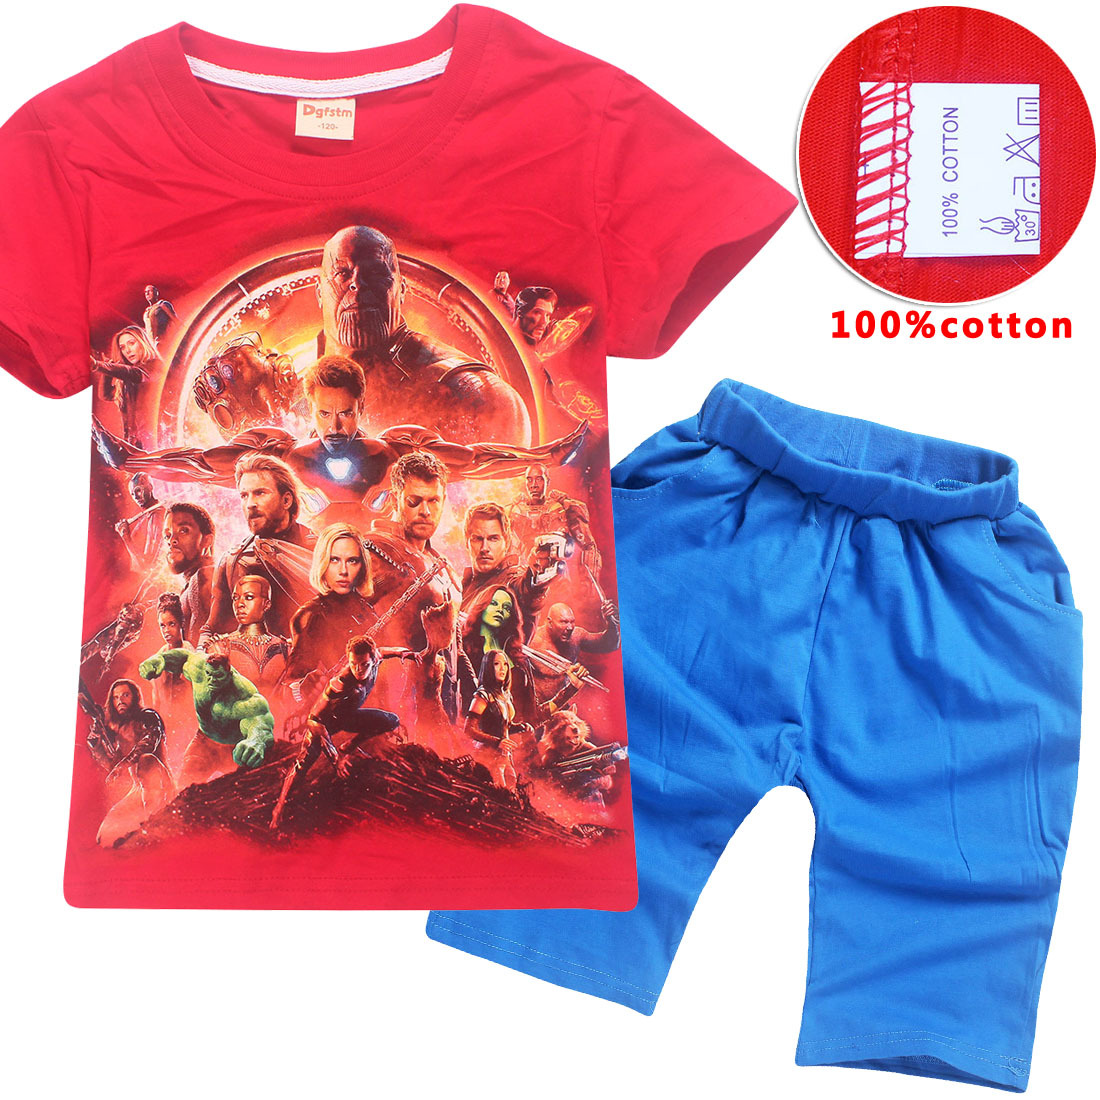 Kids Summer T shirt Pants Avengers: Infinity War Boys Girls Cartoon t-shirt+shorts Children's Clothing Set Halloween Costume